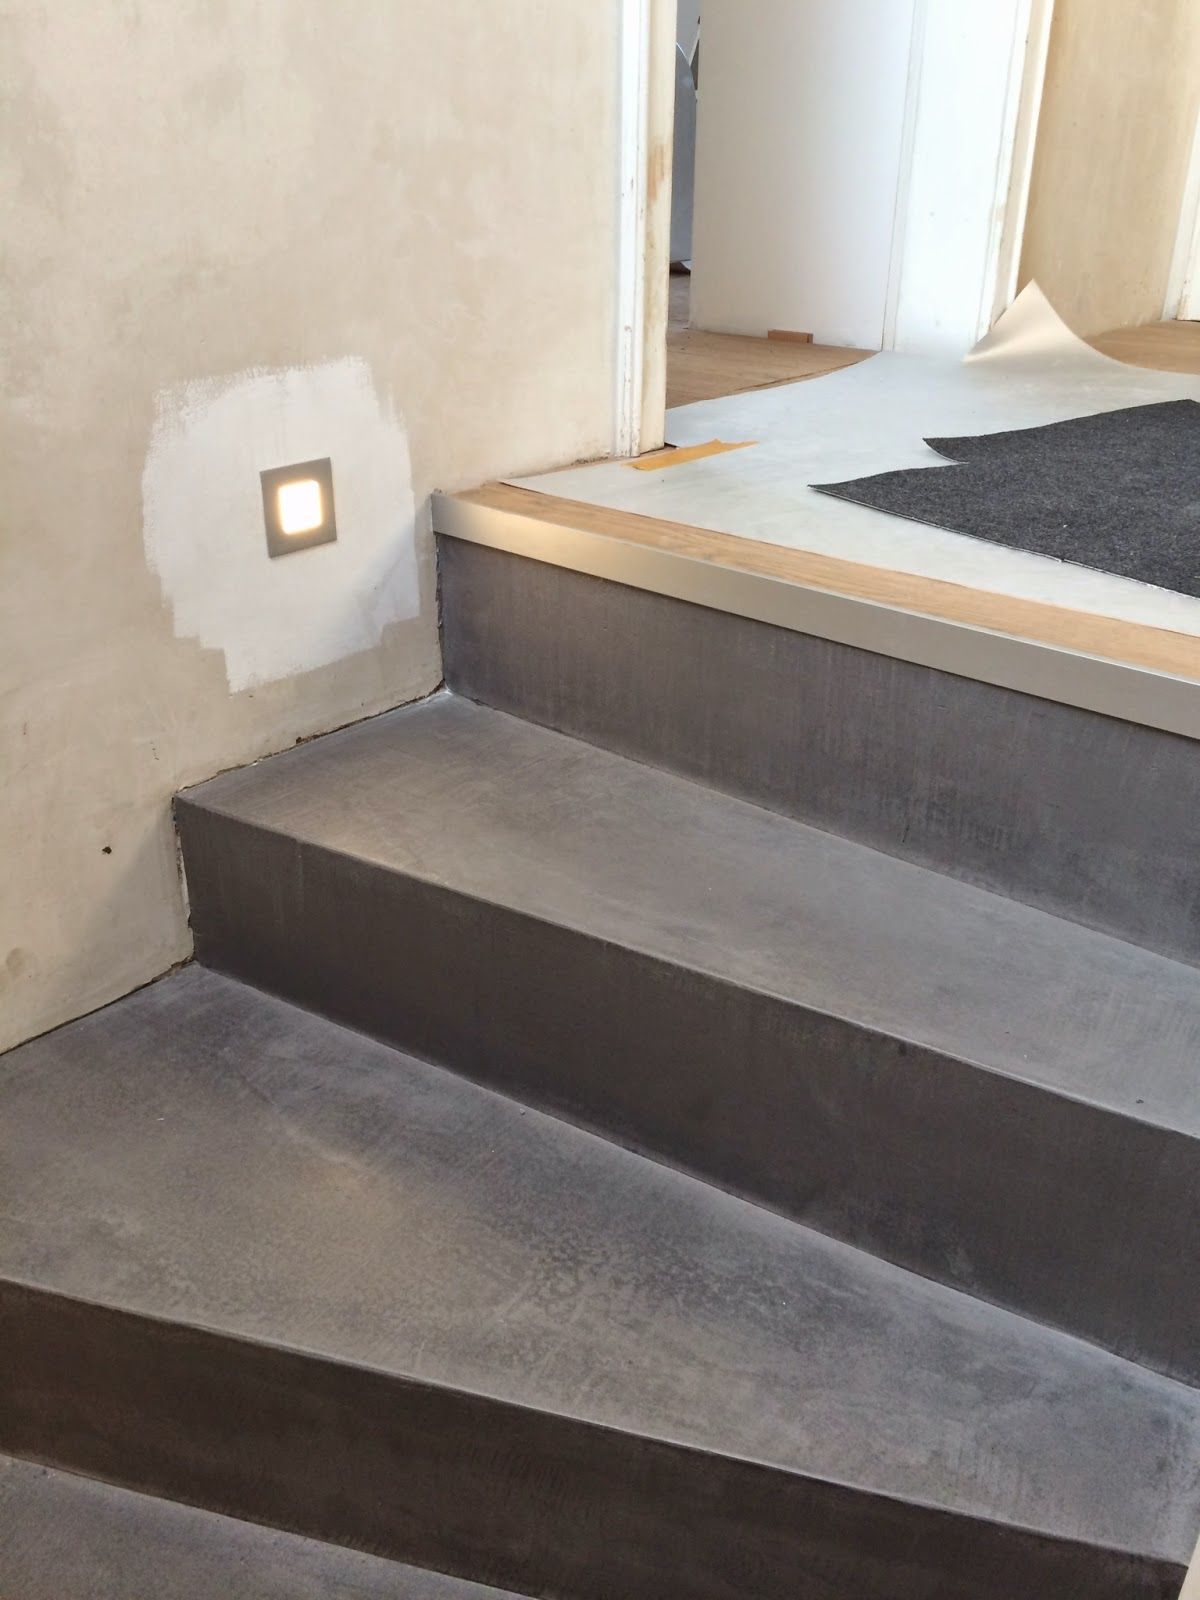 Beton Cire Oberflachen In Beton Look Betontreppe Beschichten Sichtbetontreppe Treppenbeschichtung In Dusseldorf In 2020 Betontreppe Treppe Treppe Renovieren